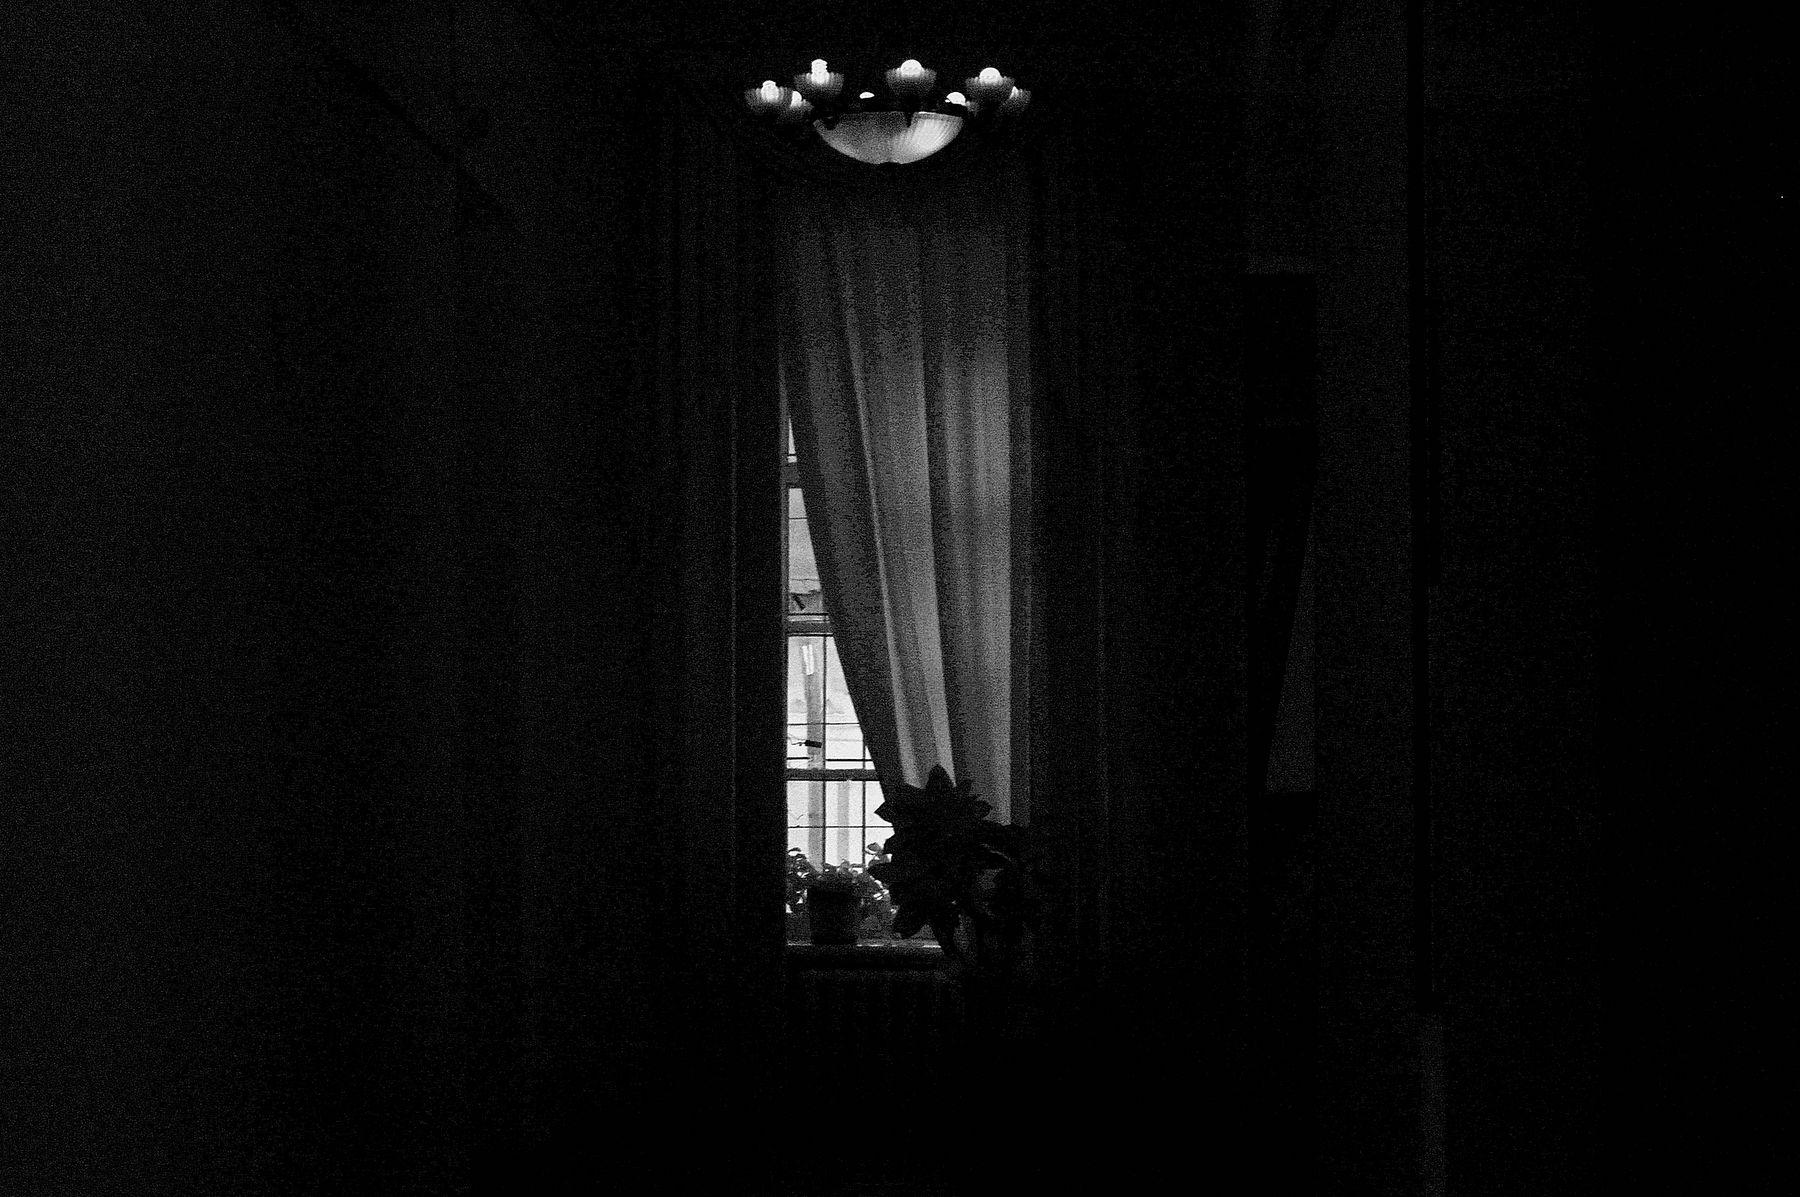 Свет......Ярославль.Ярославская губерния.Р.Ф.2021г.г. от Р.Х. Инфракрасная,чёрно-белая,монохромная, фотография. Hoya R72 Infrared Filter (infrared imaging) Инфракрасная чёрно-белая монохромная фотография Hoya R72 Infrared Filter infrared imaging